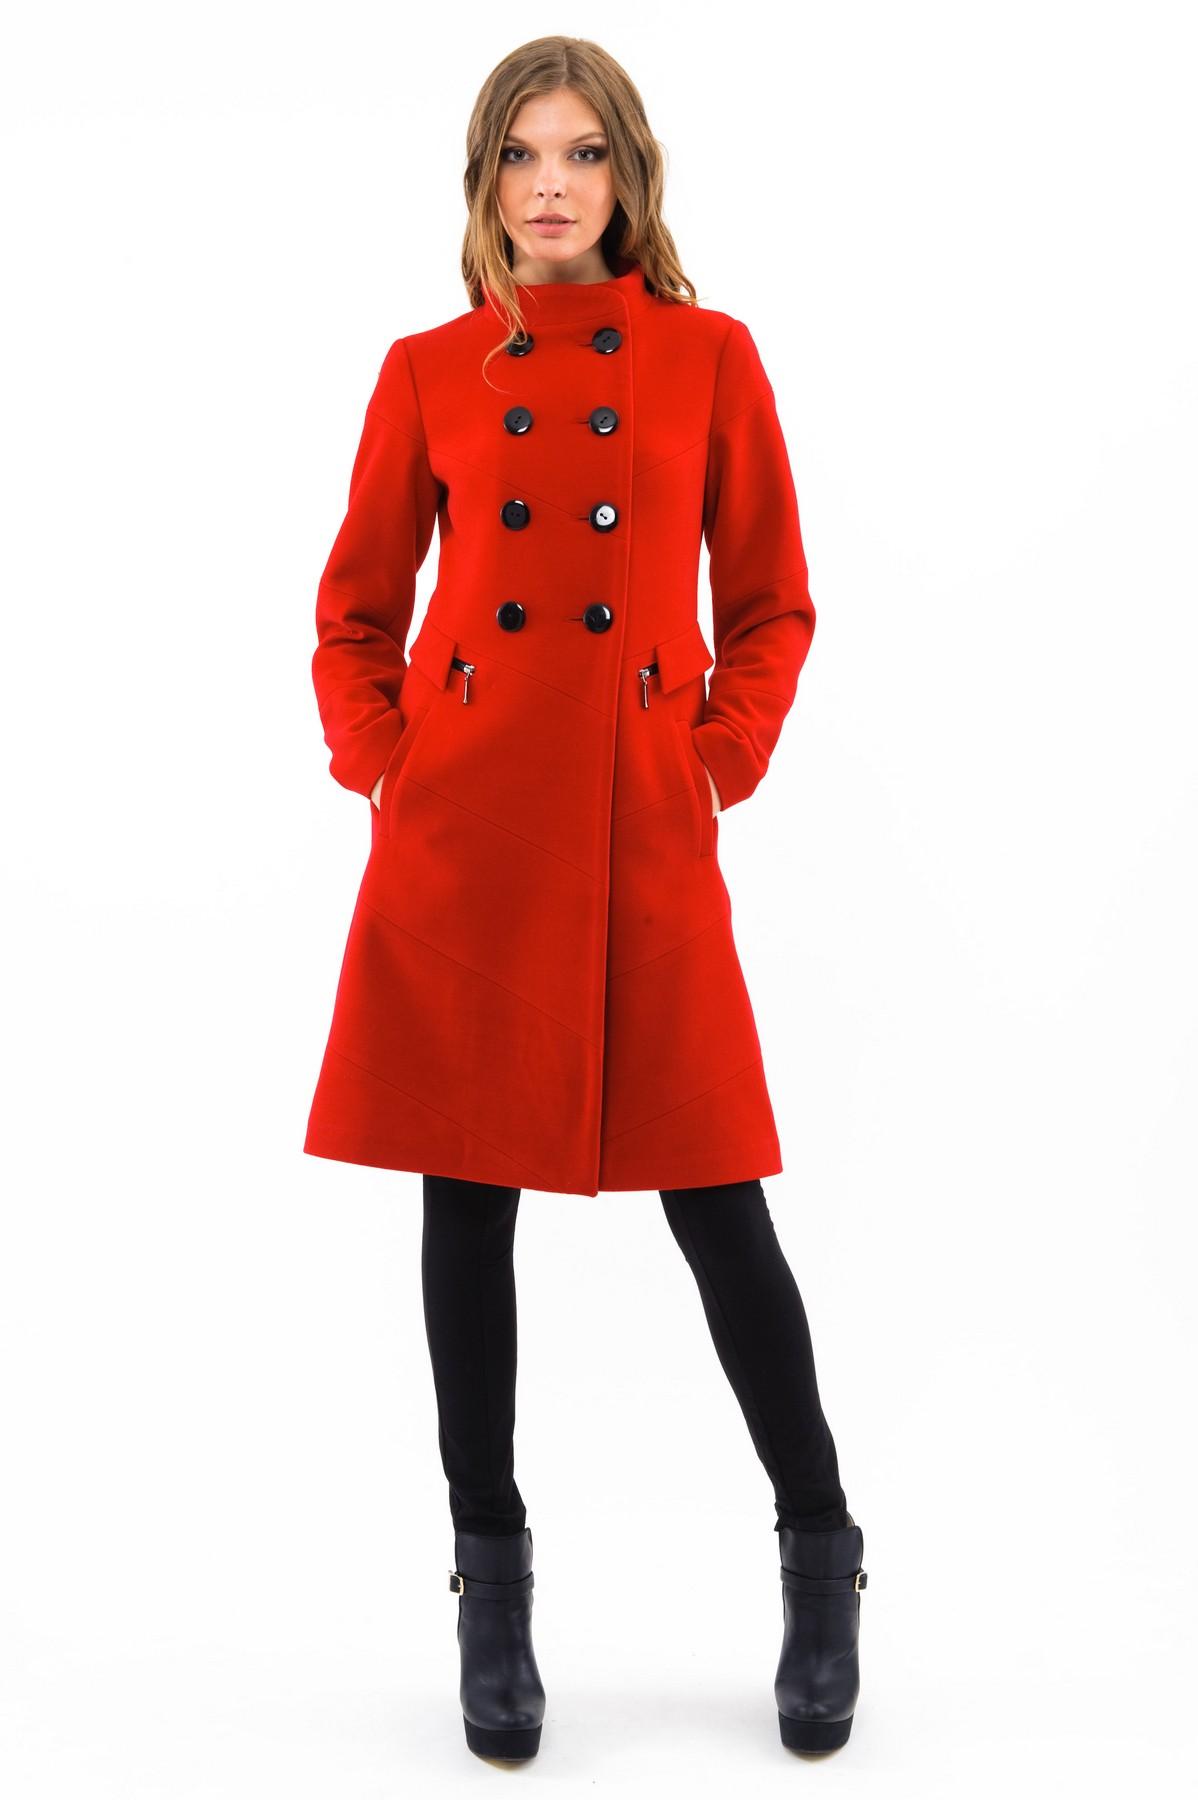 ПальтоЖенские куртки, плащи, пальто<br>Стильное пальто согреет в холодные дни. Изделие дополнено удобными карманами. Отличный осенний вариант.<br><br>Цвет: красный<br>Состав: 65% полиэстер, 13% вискоза, 15% шерсть, 2% эластан<br>Размер: 40,42,44,48,50,52,54,56,58<br>Страна дизайна: Россия<br>Страна производства: Россия